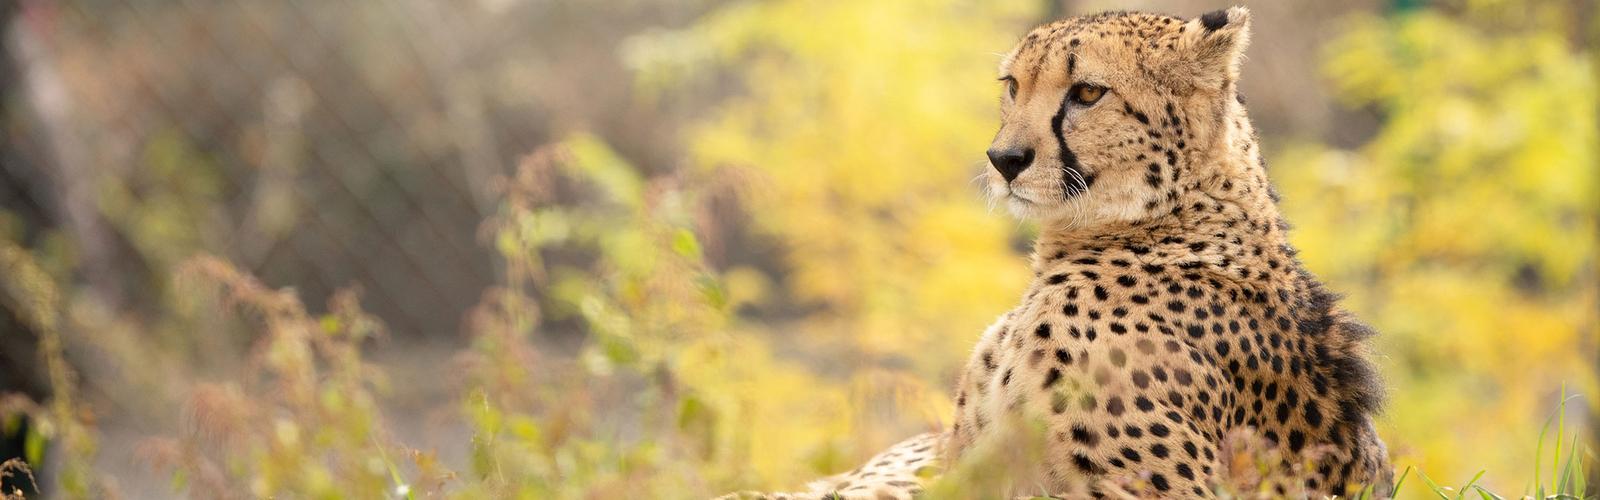 Cheetah laying in shade